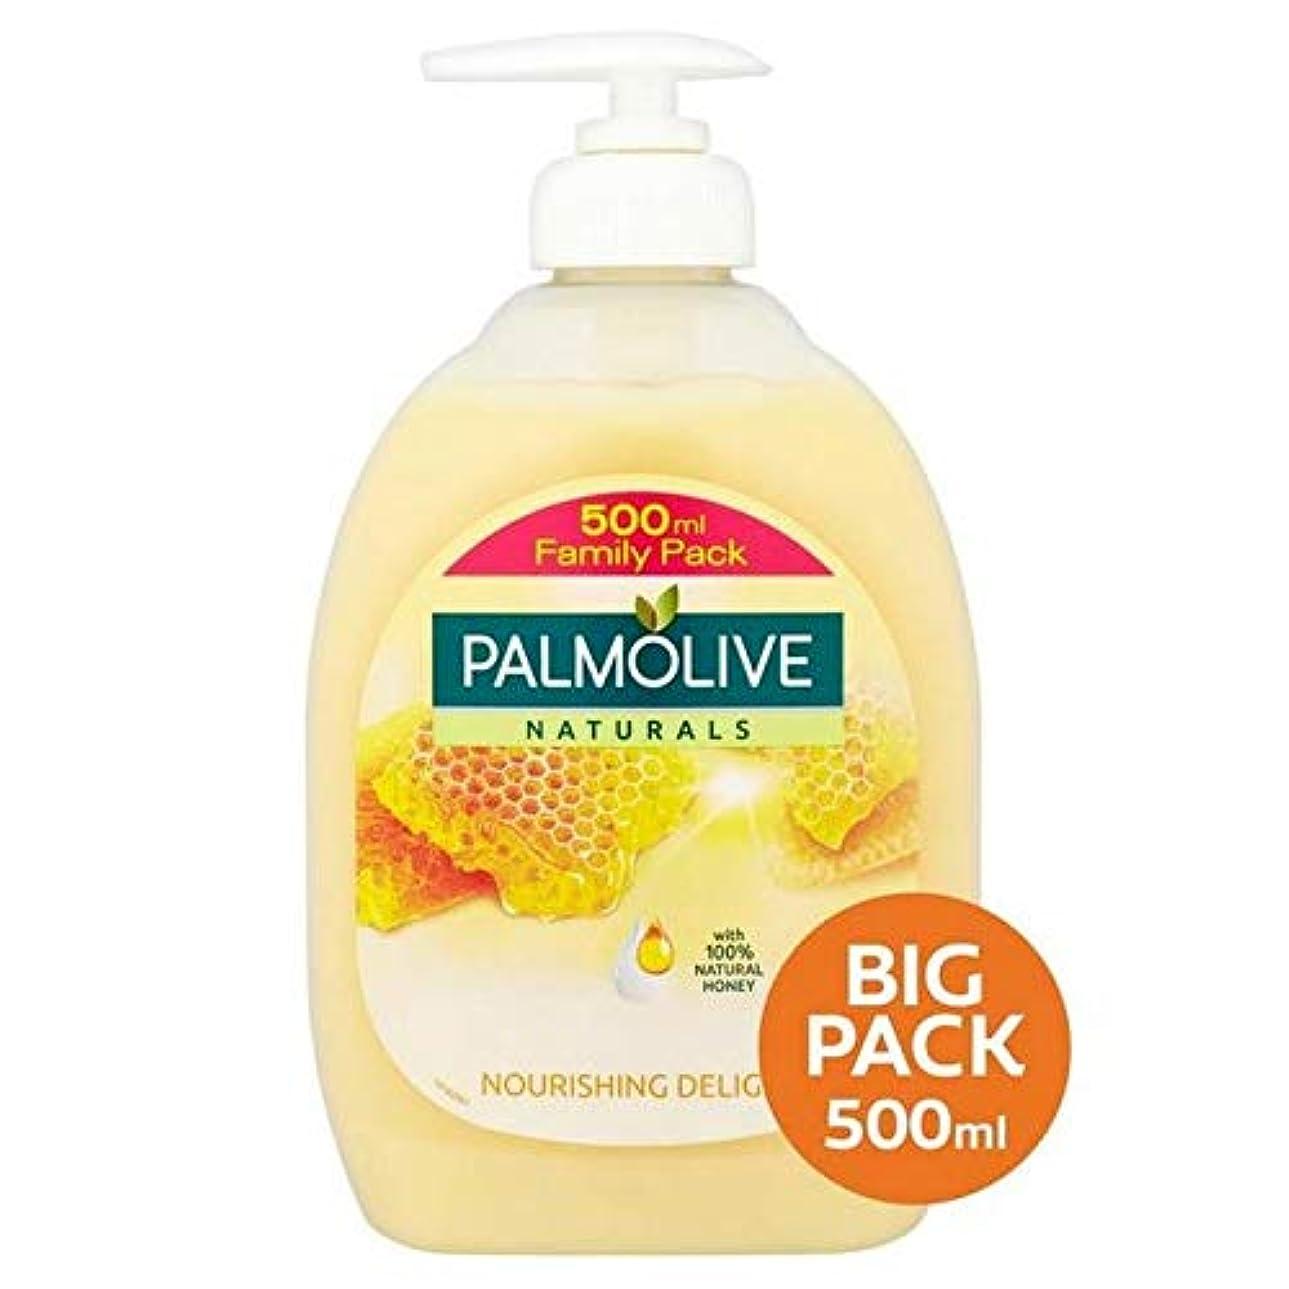 民兵全体困惑した[Palmolive ] パルモライブナチュラルミルク&ハニーの手洗いの500ミリリットル - Palmolive Naturals Milk & Honey Handwash 500ml [並行輸入品]